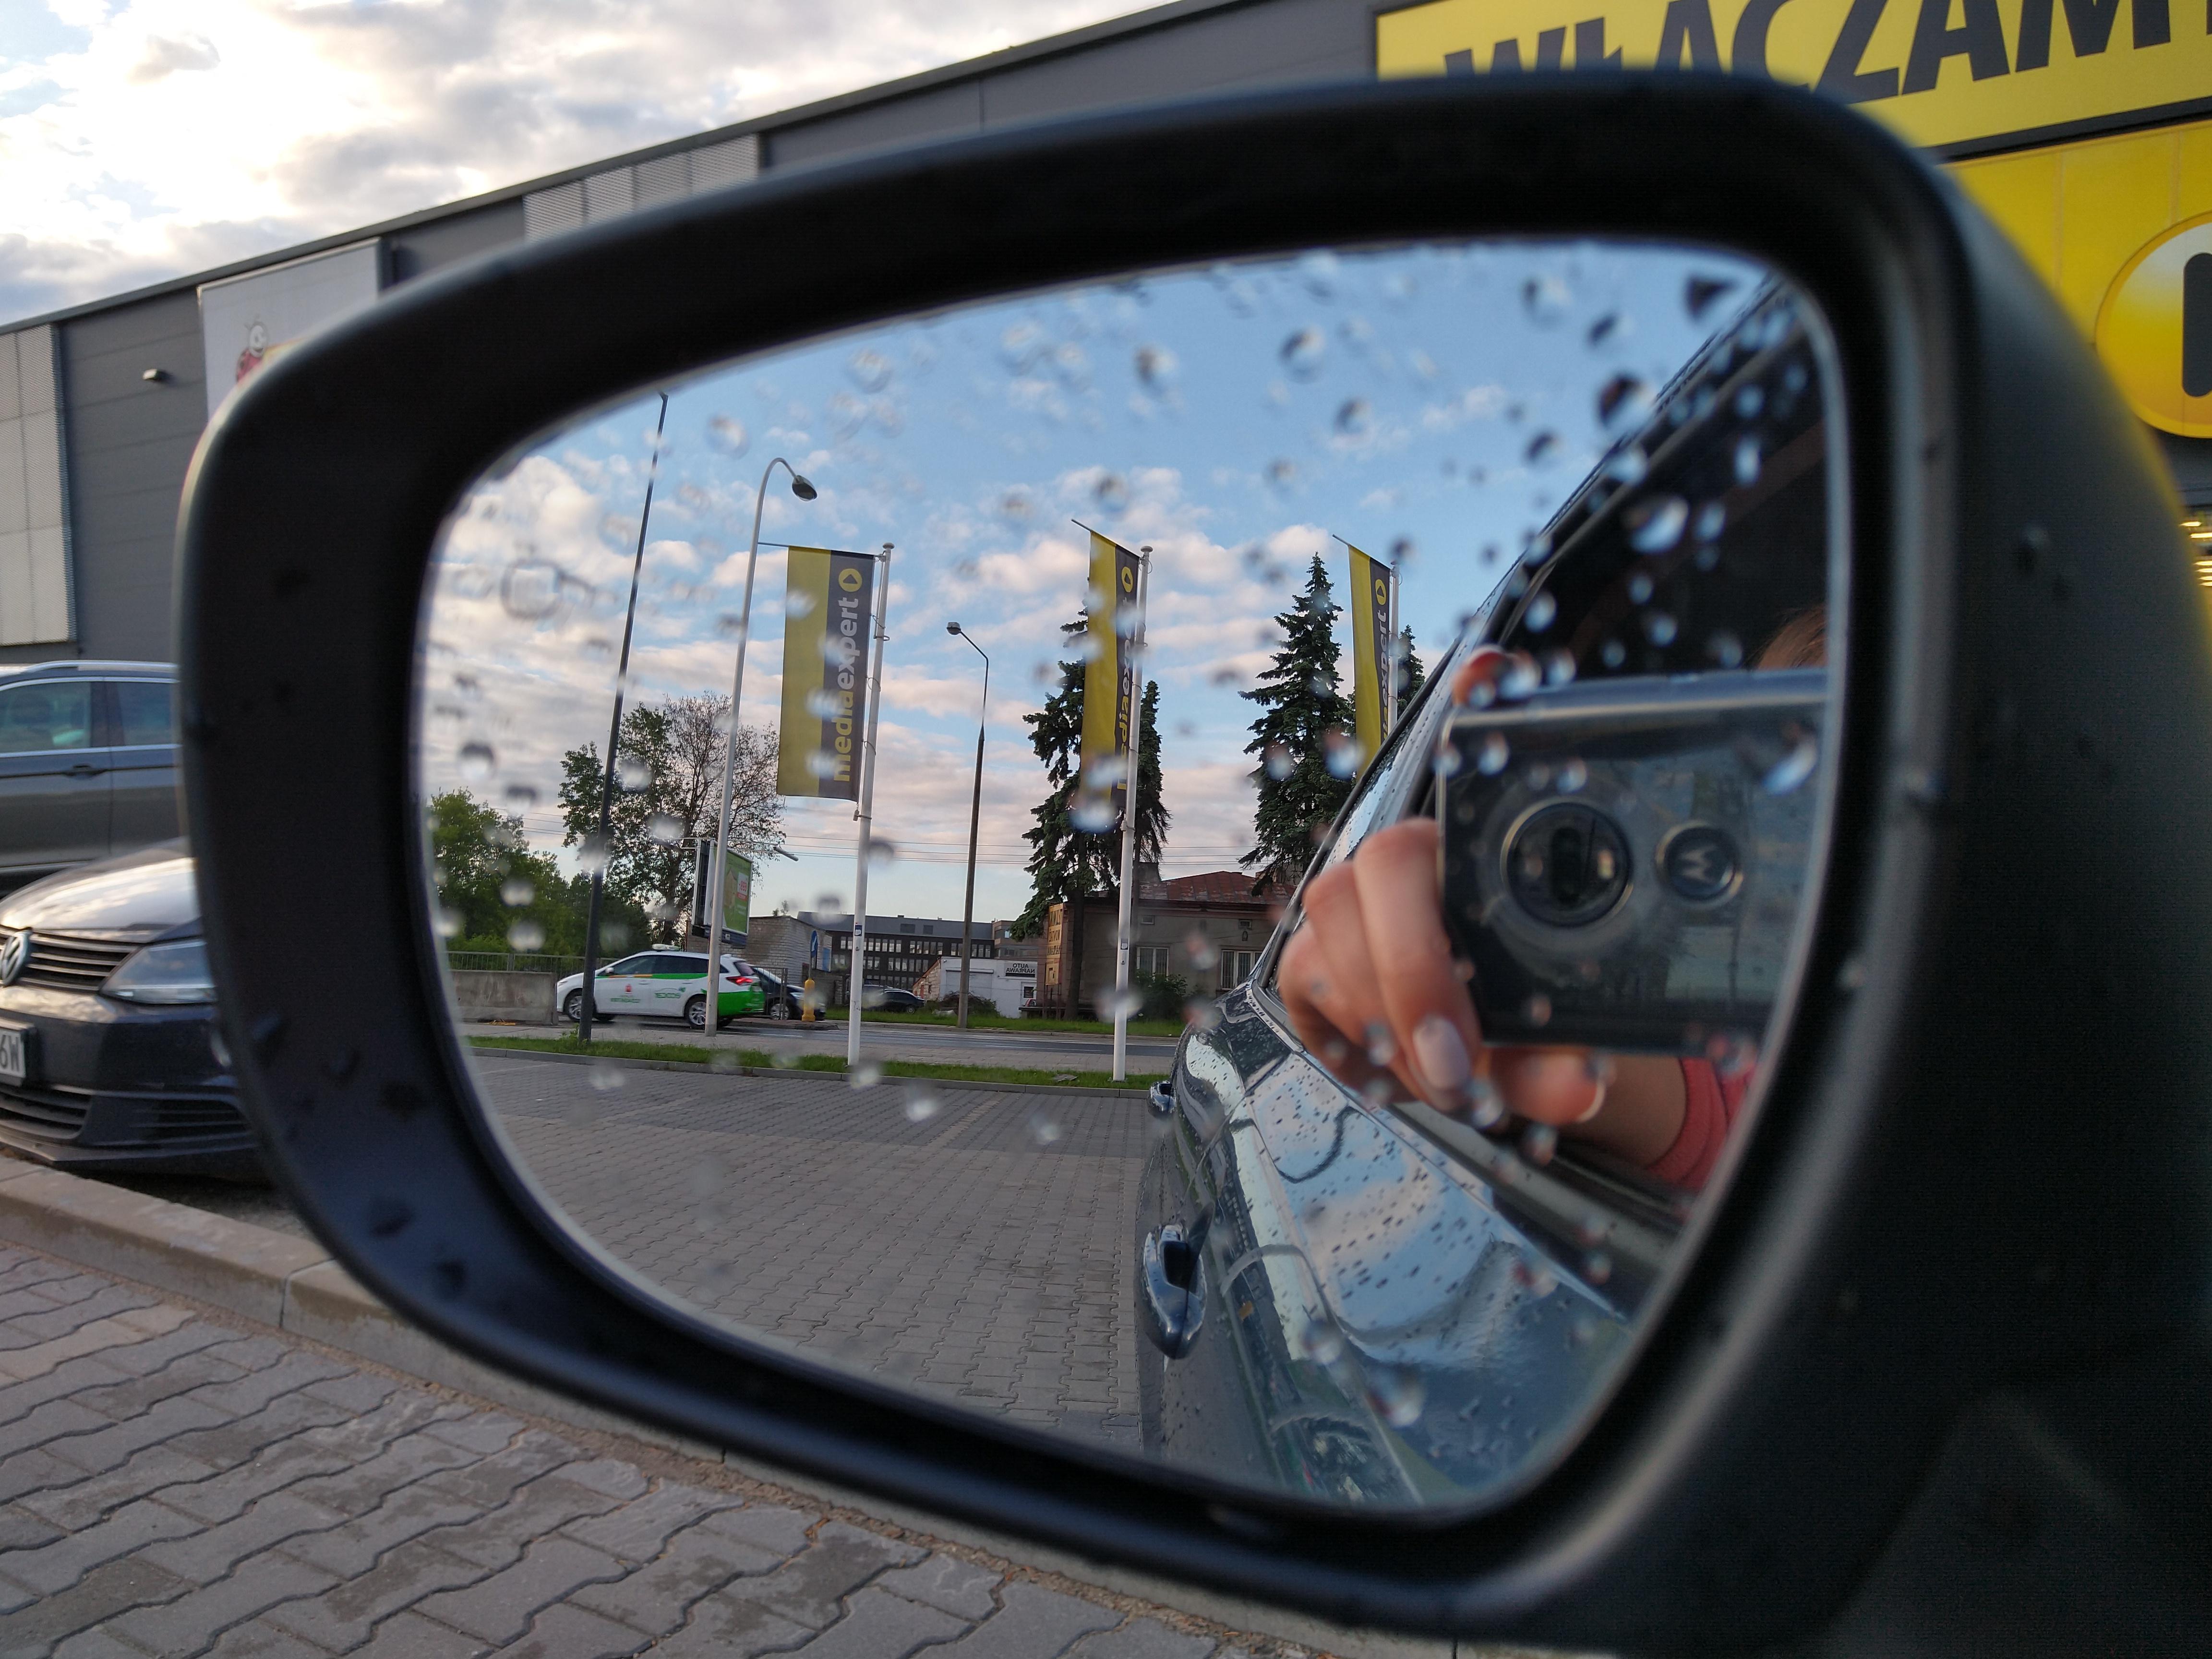 Porównanie ciekawych średniaków Motoroli: Moto G7 Plus vs One Vision 41